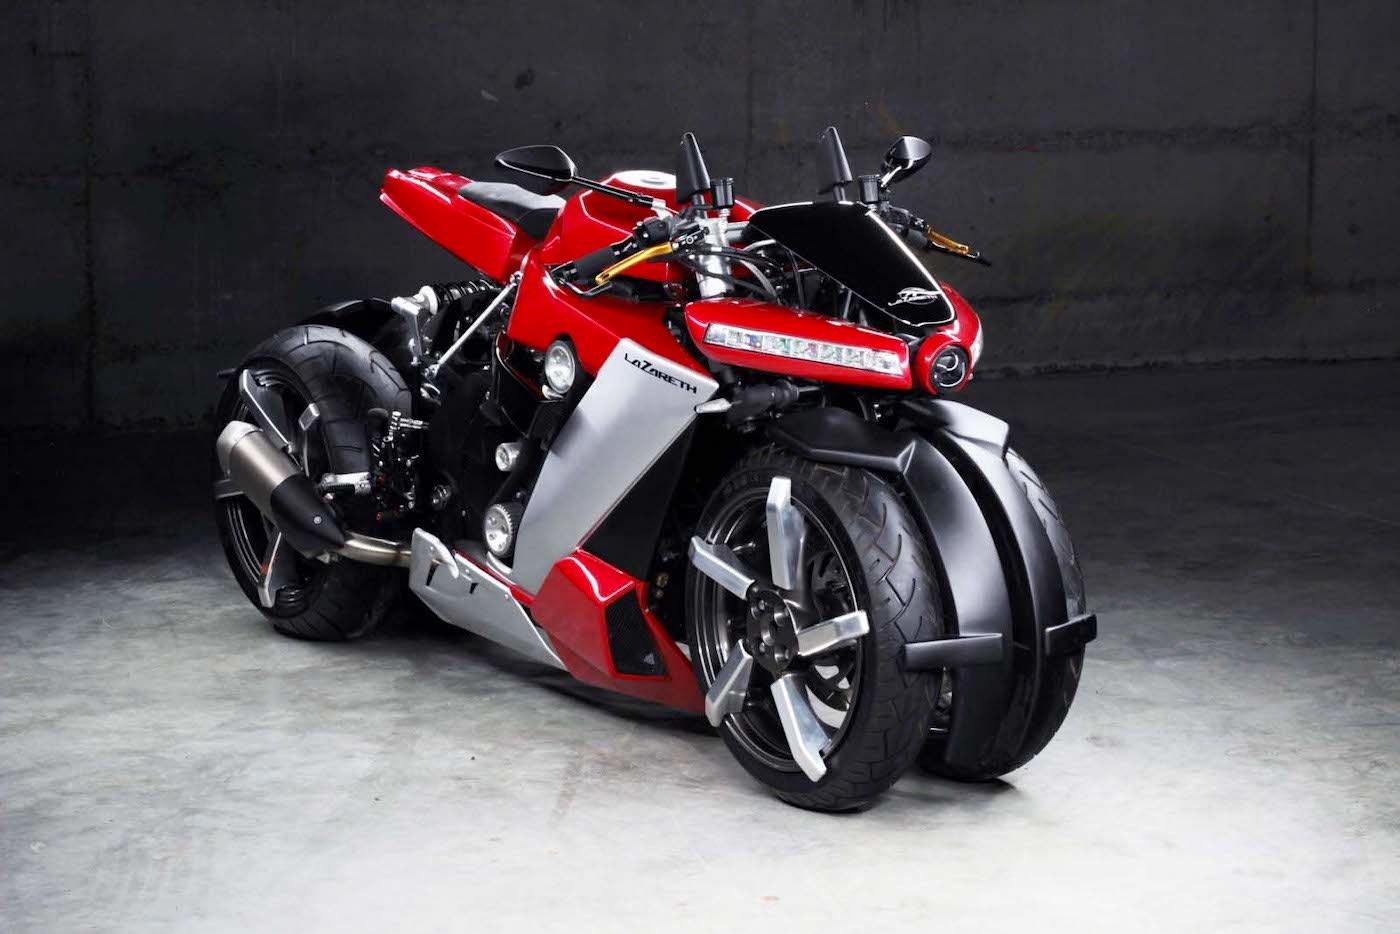 Lazareth lleva a producción la LM 410, su mega potente motocicleta de 4 ruedas alimentada por un motor Yamaha R1